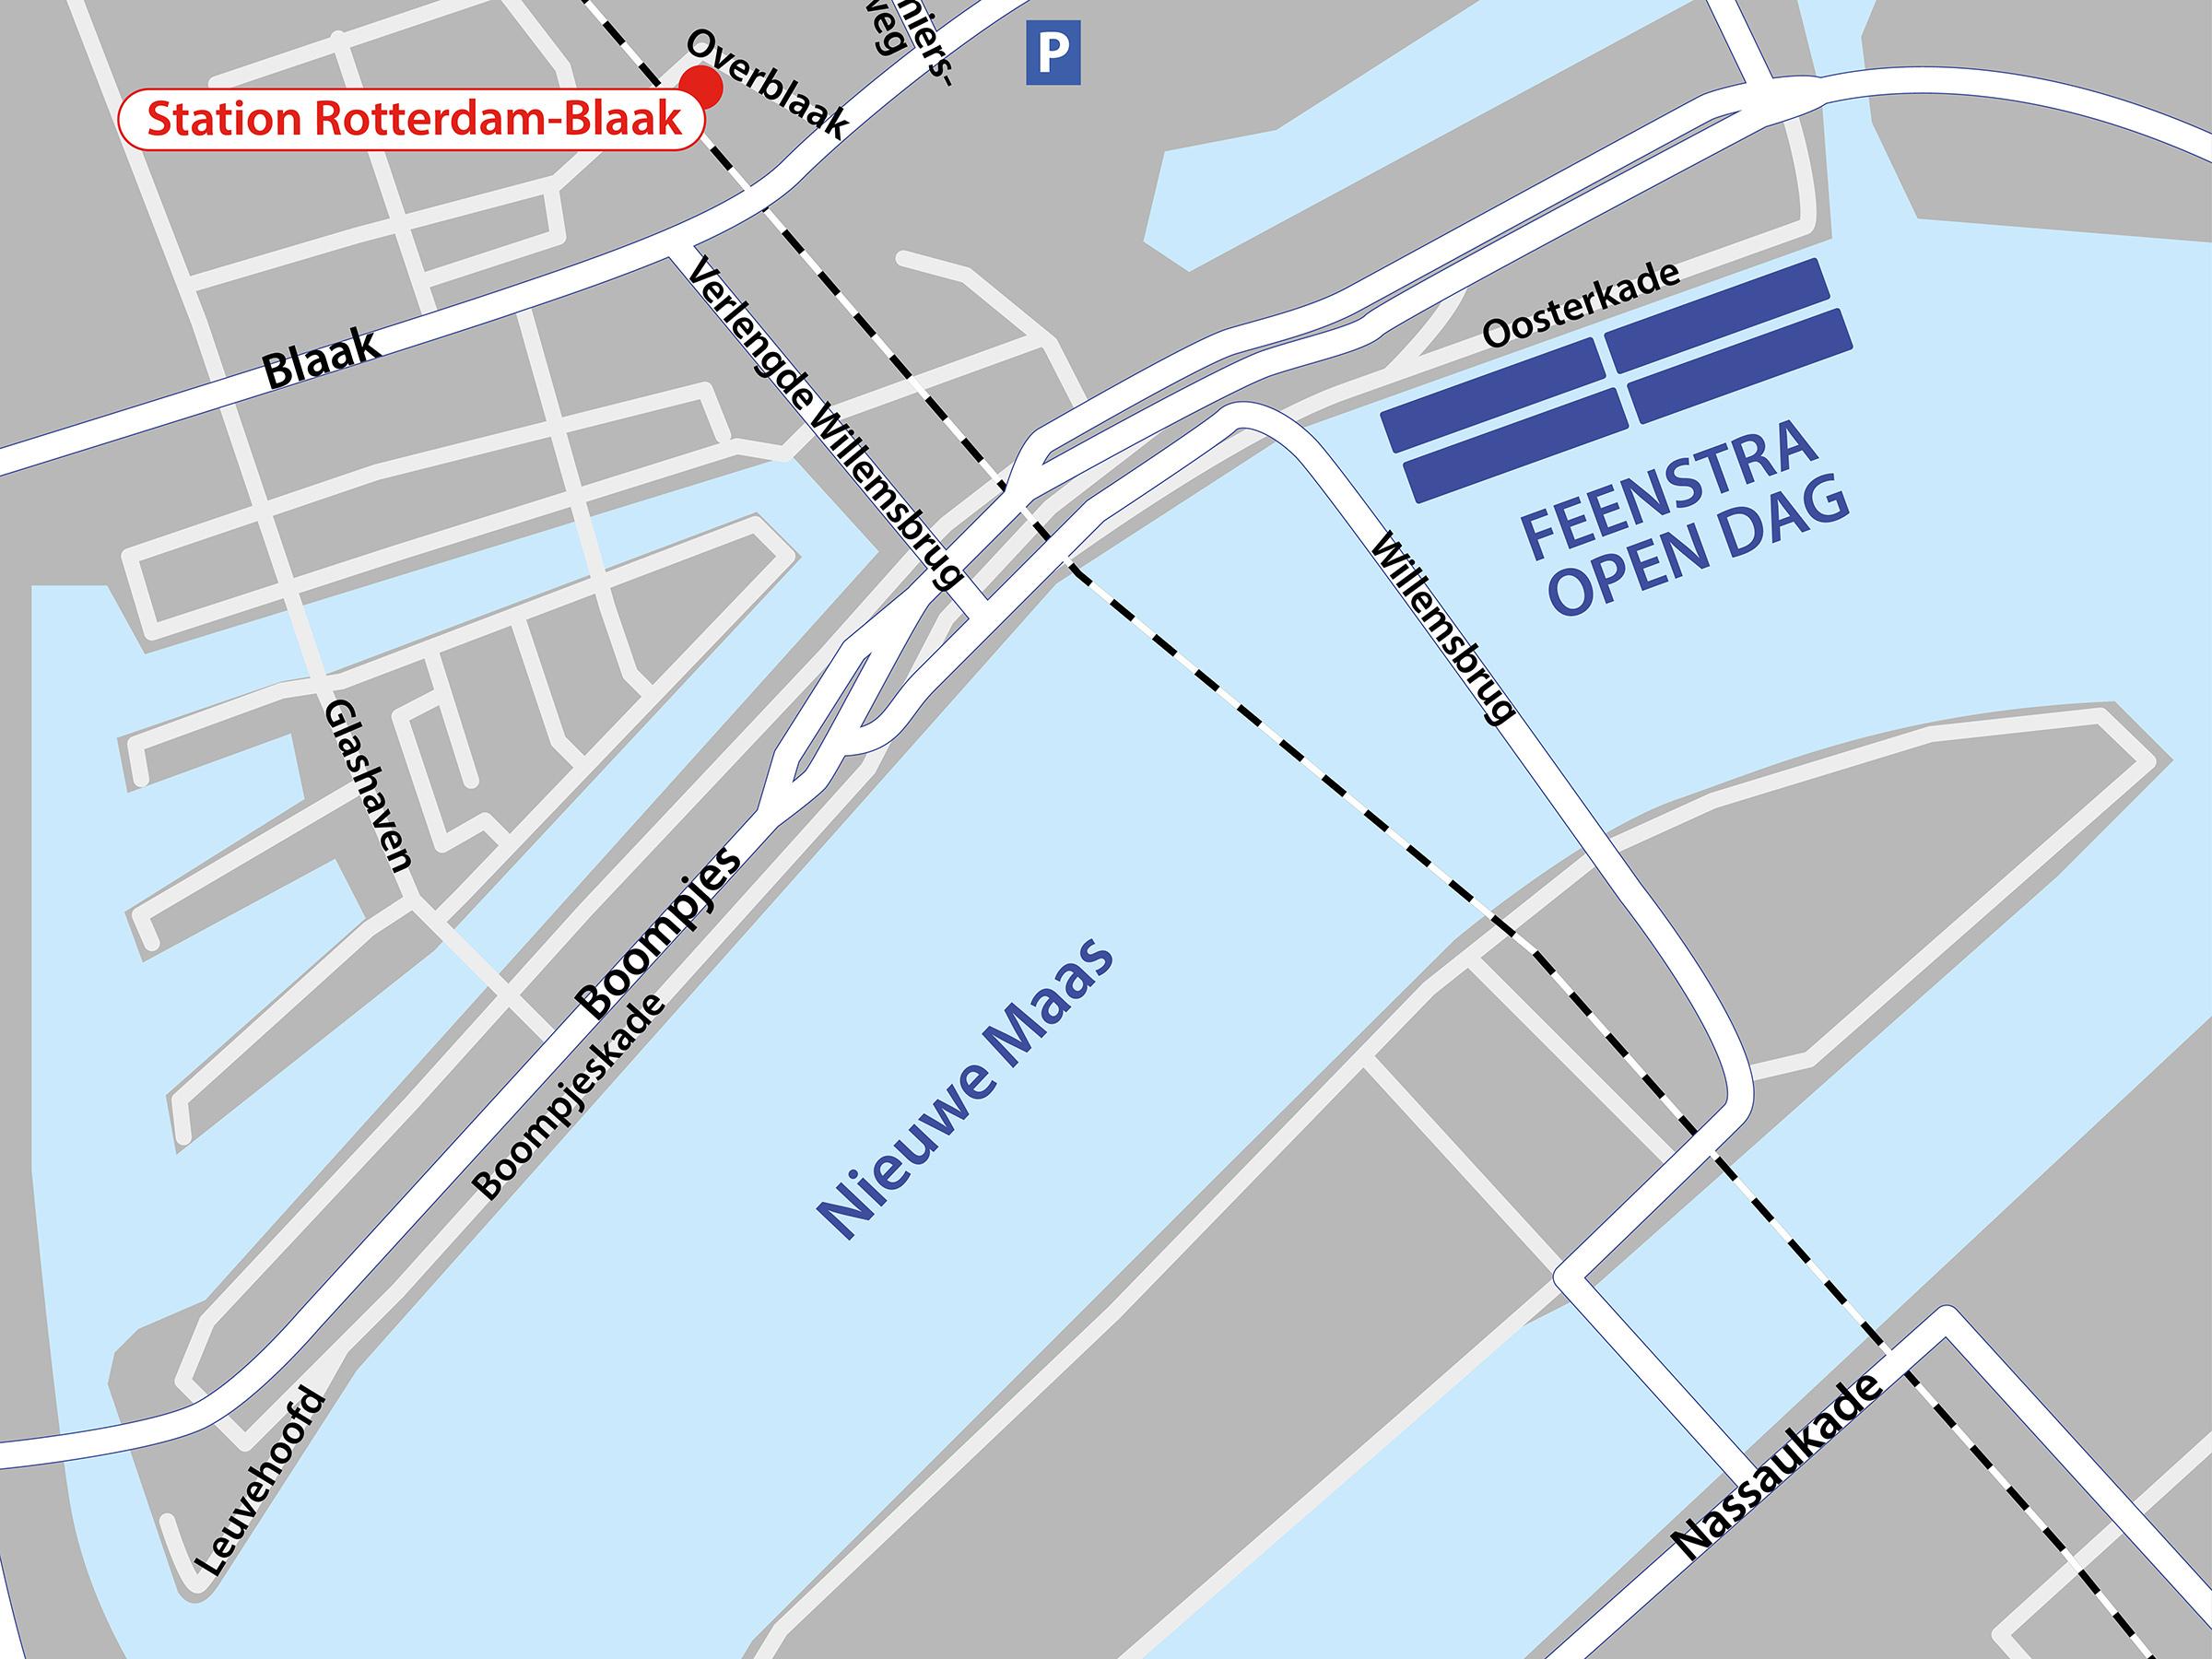 Open-dagen-plattegrond-2019-Rotterdam.jpg#asset:125550993